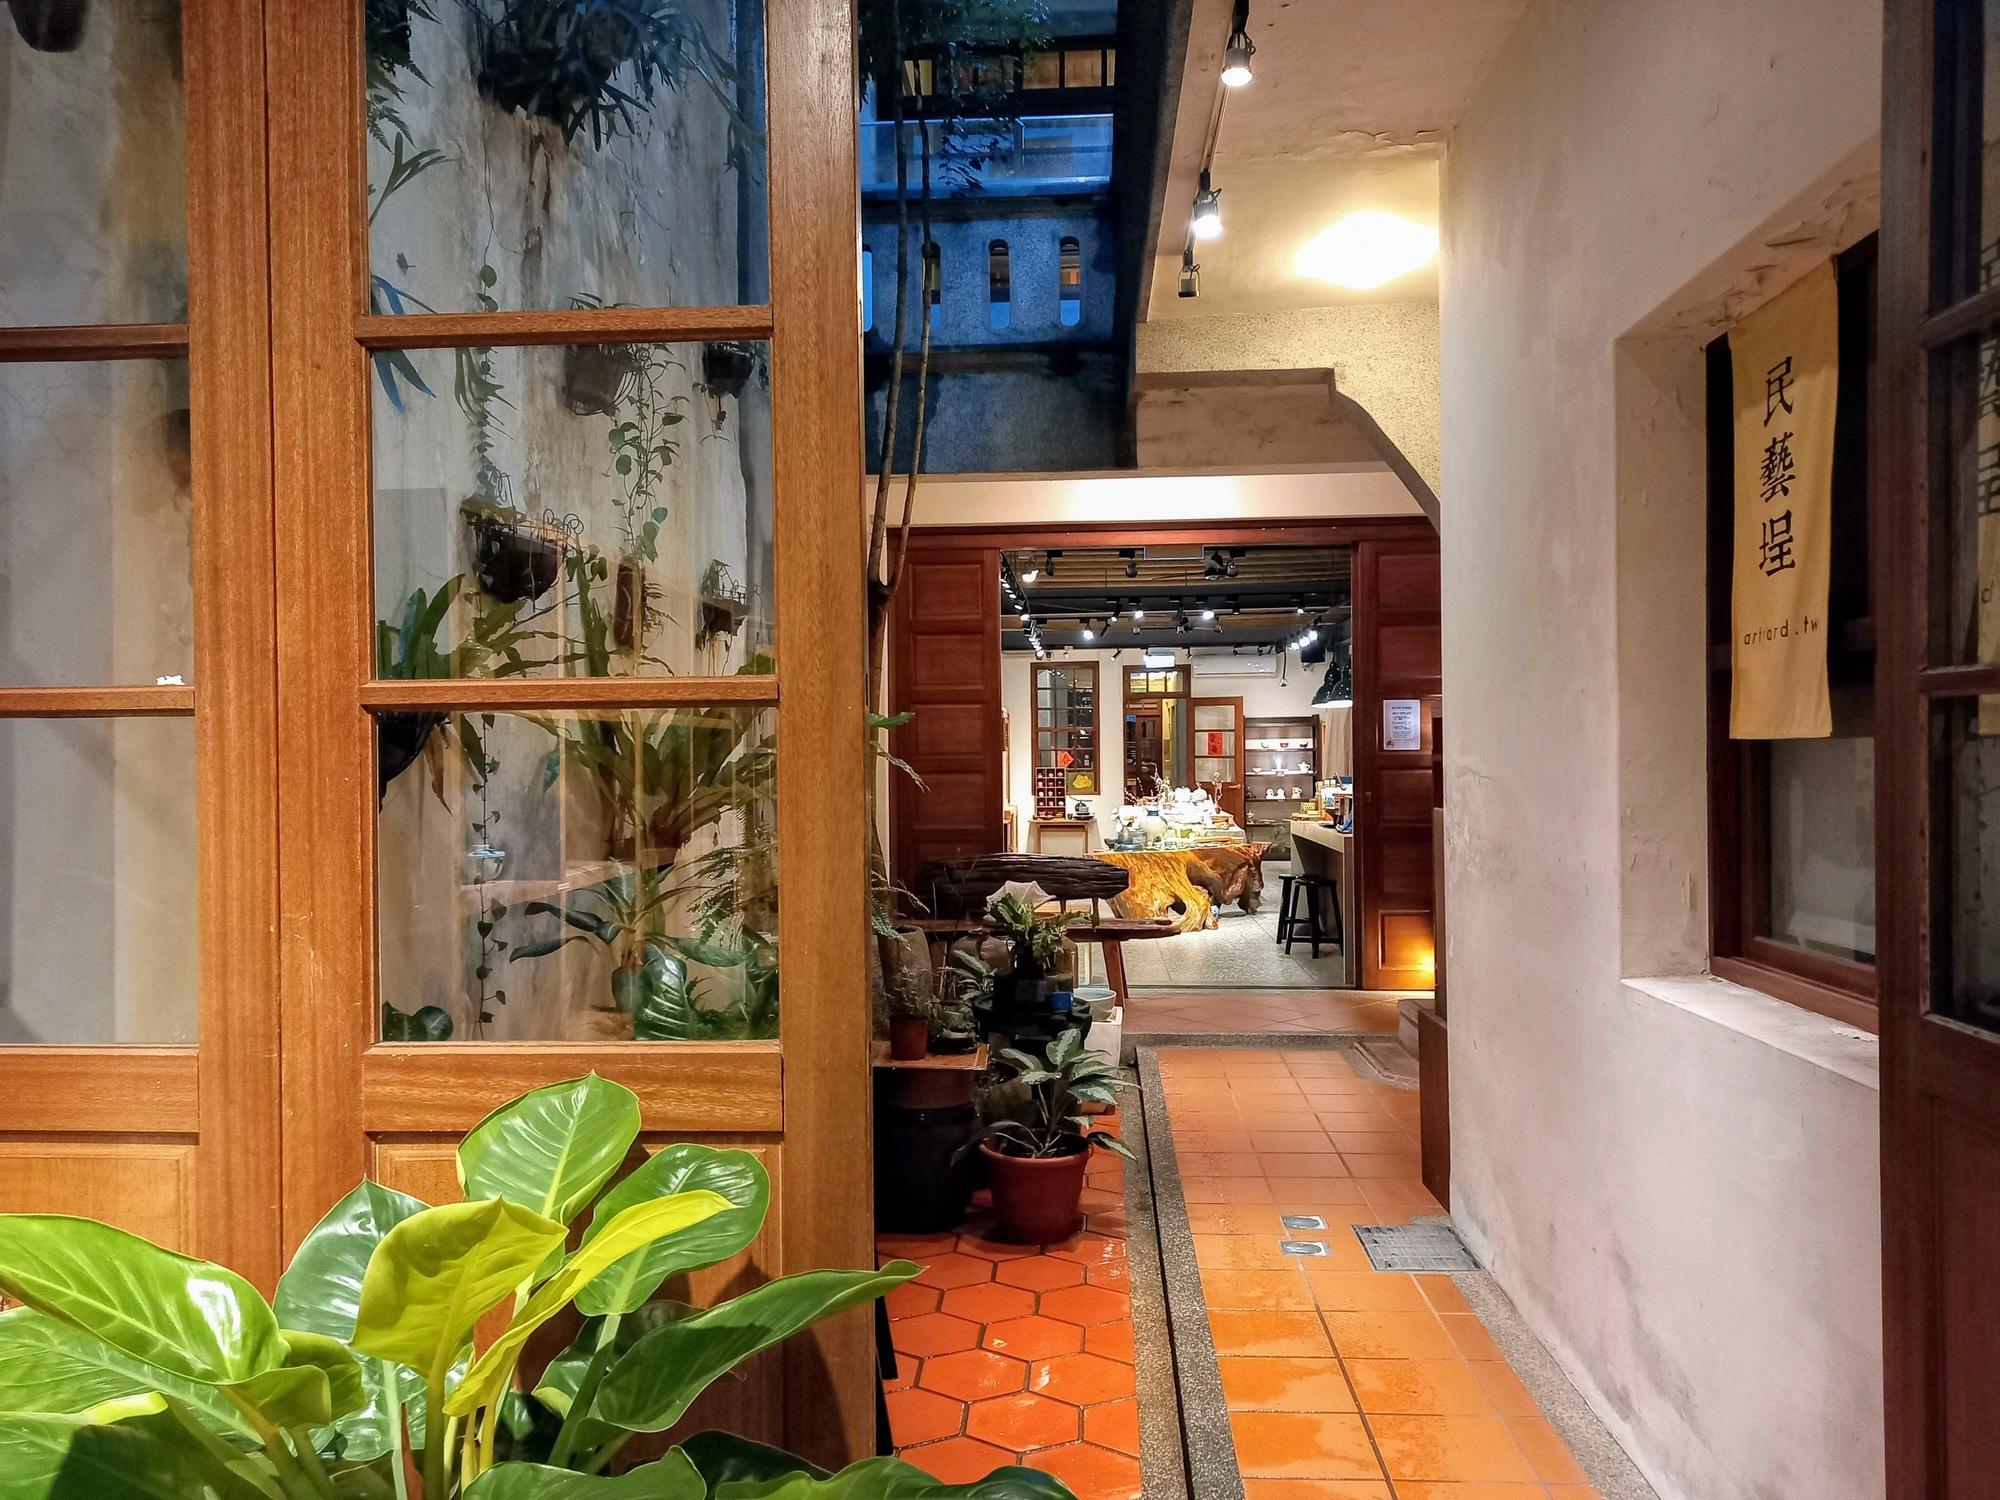 Small courtyard between ArtYard and LeZinc Café & Bar, Dihua St. Dadaocheng 大稻埕